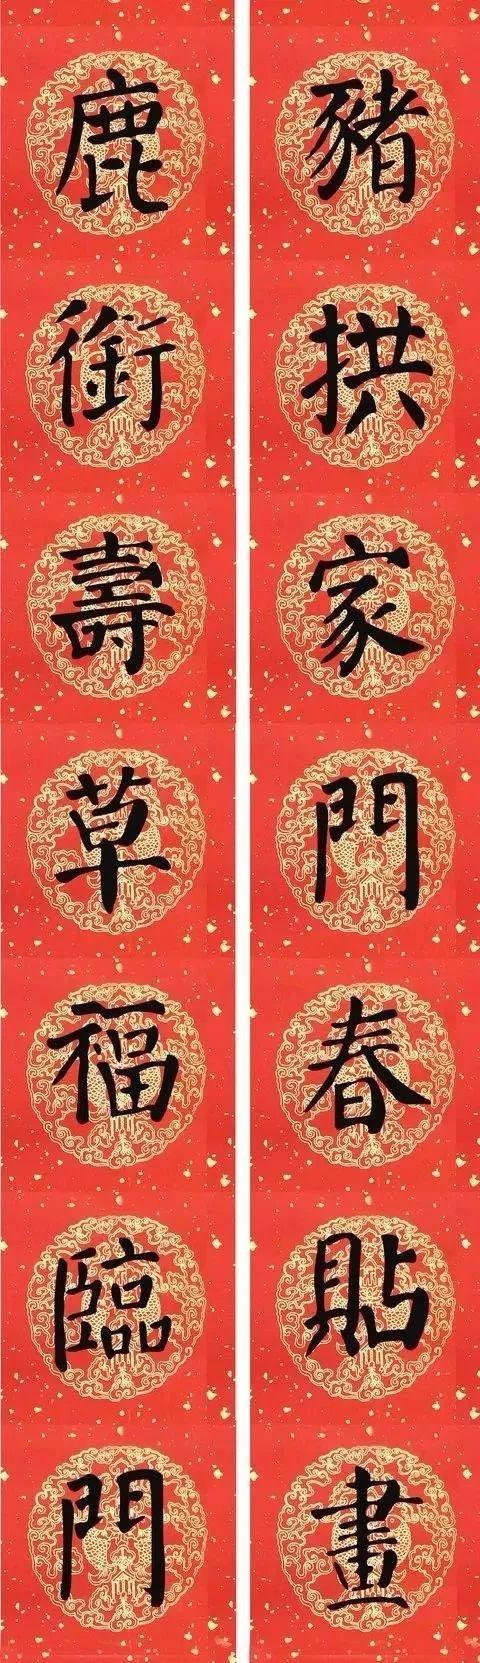 2019猪年颜真卿楷书集字春联